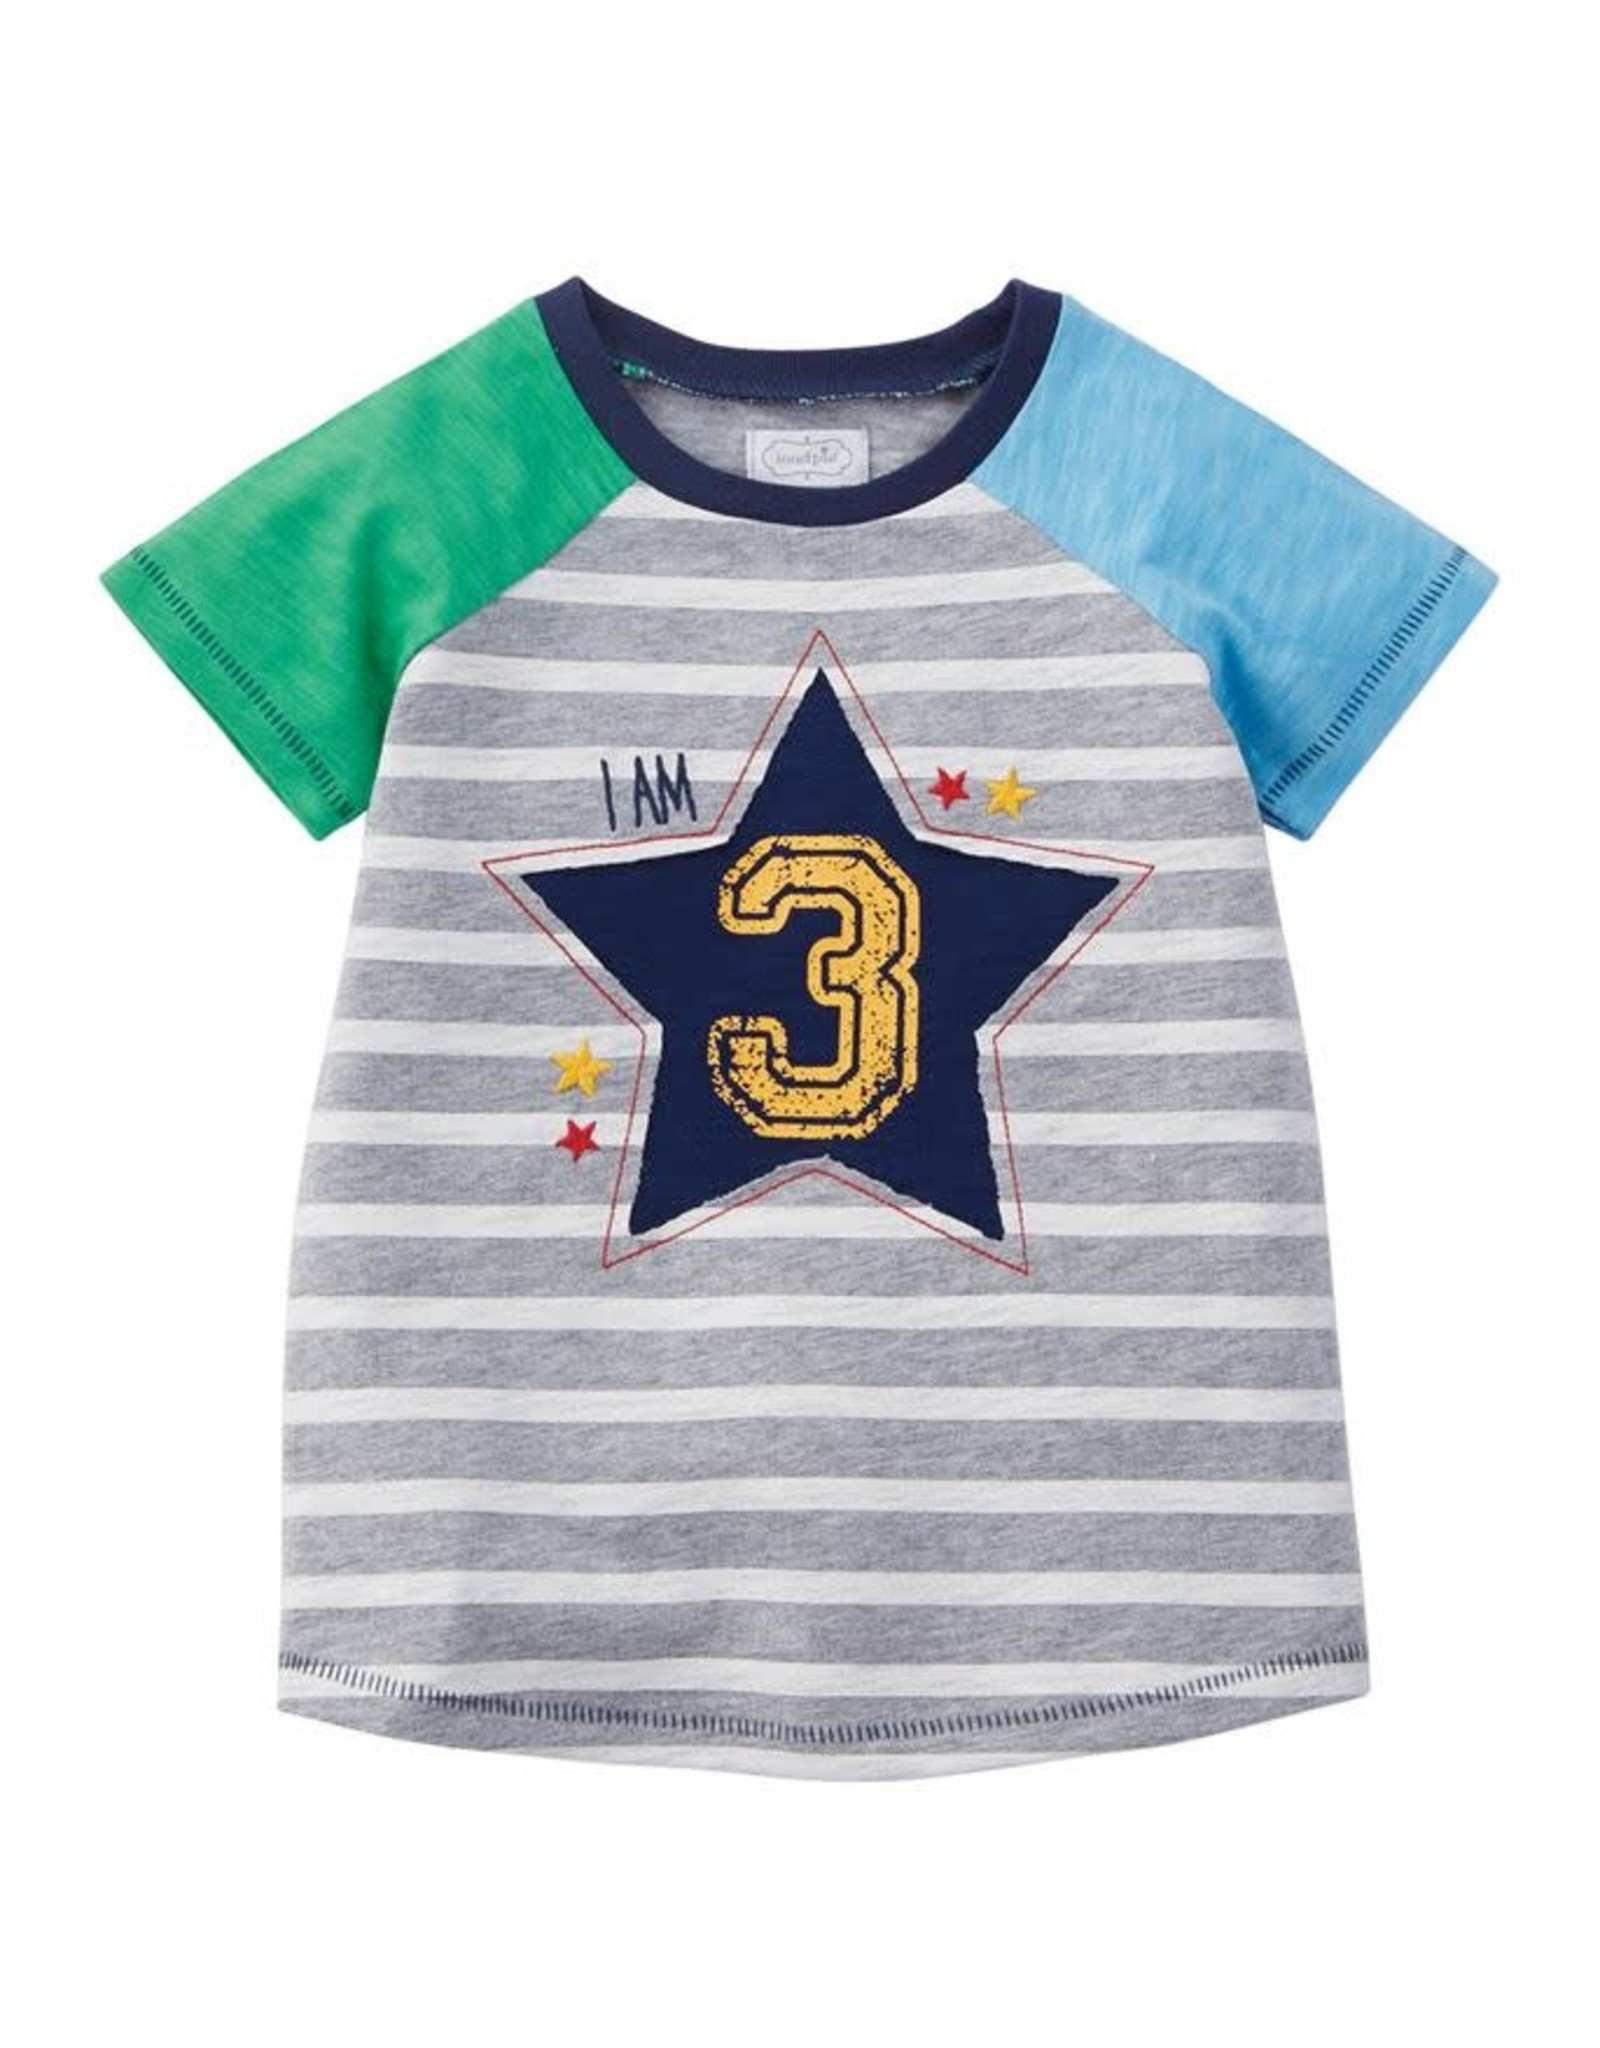 Mudpie Mud Pie- Boy 3 Birthday Shirt(3T)